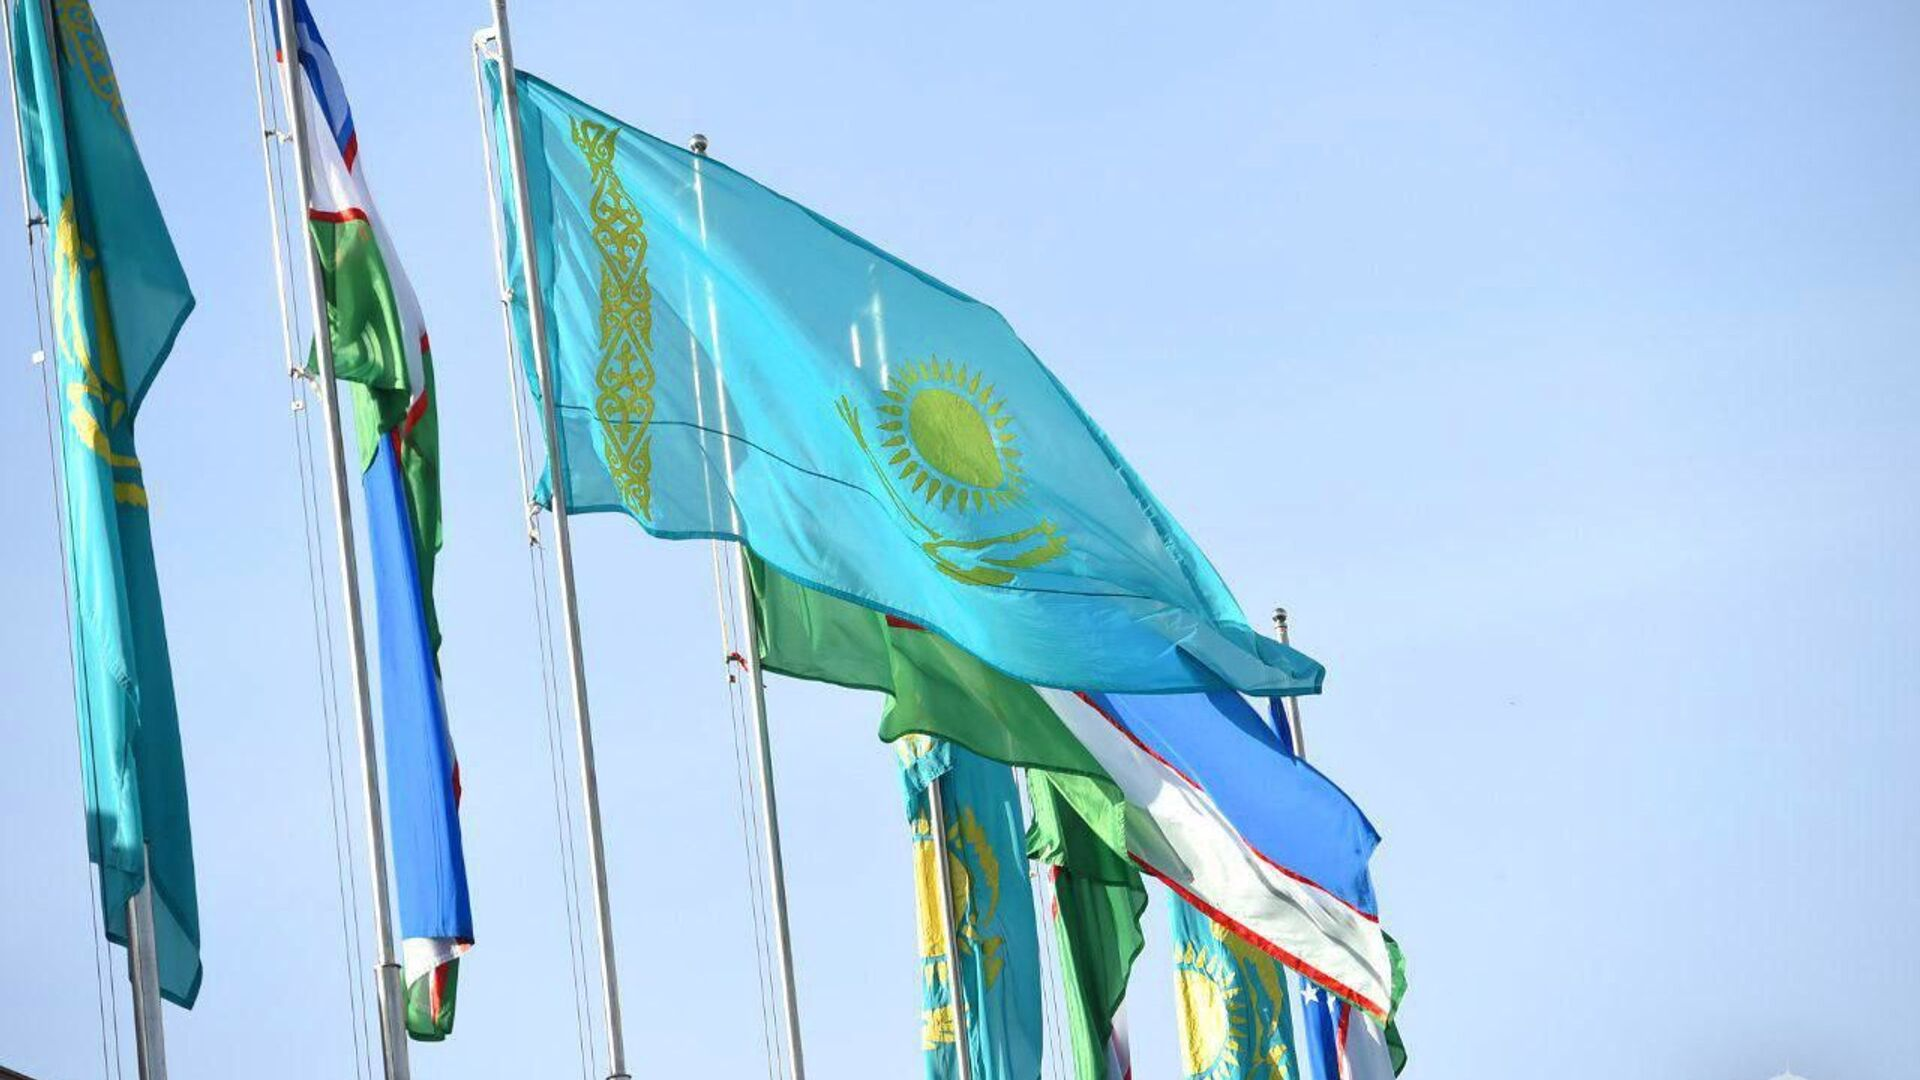 Президент Республики Казахстан Касым-Жомарт Токаев прибыл в Узбекистан с государственным визитом - Sputnik Узбекистан, 1920, 27.08.2021